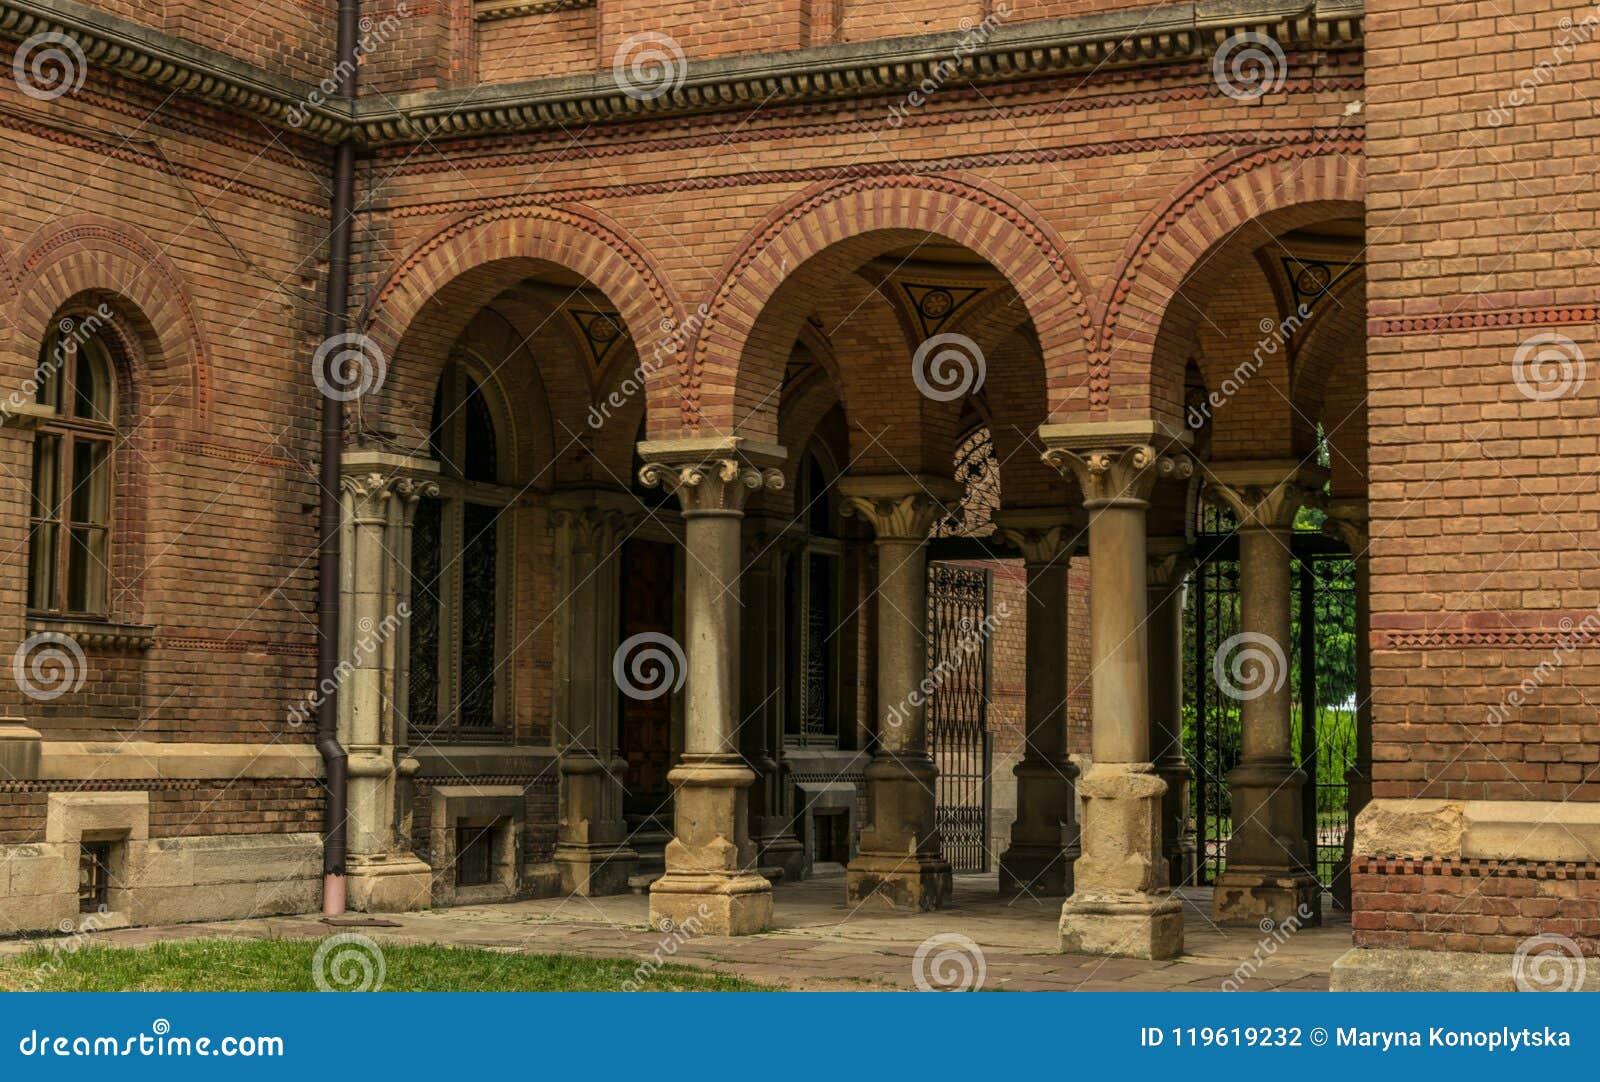 Αρχαίες πανεπιστήμιο και Ορθόδοξη Εκκλησία στην πόλη Chernivtsi, Ουκρανία